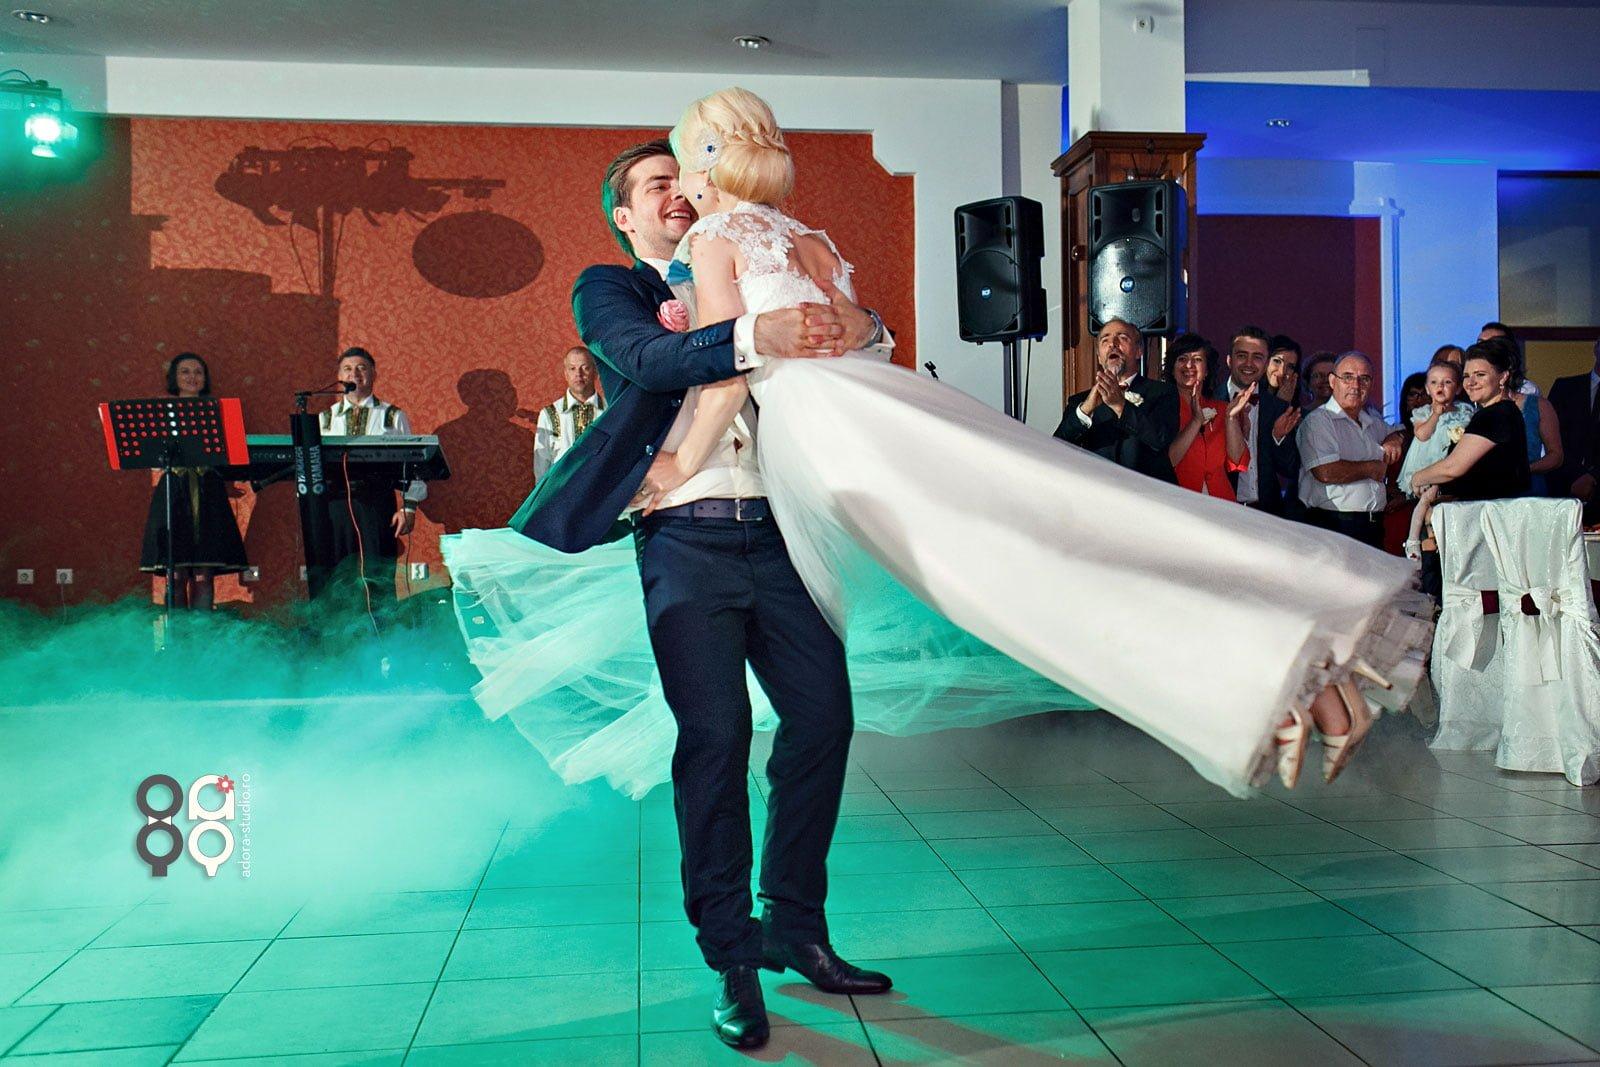 primul dans nunta